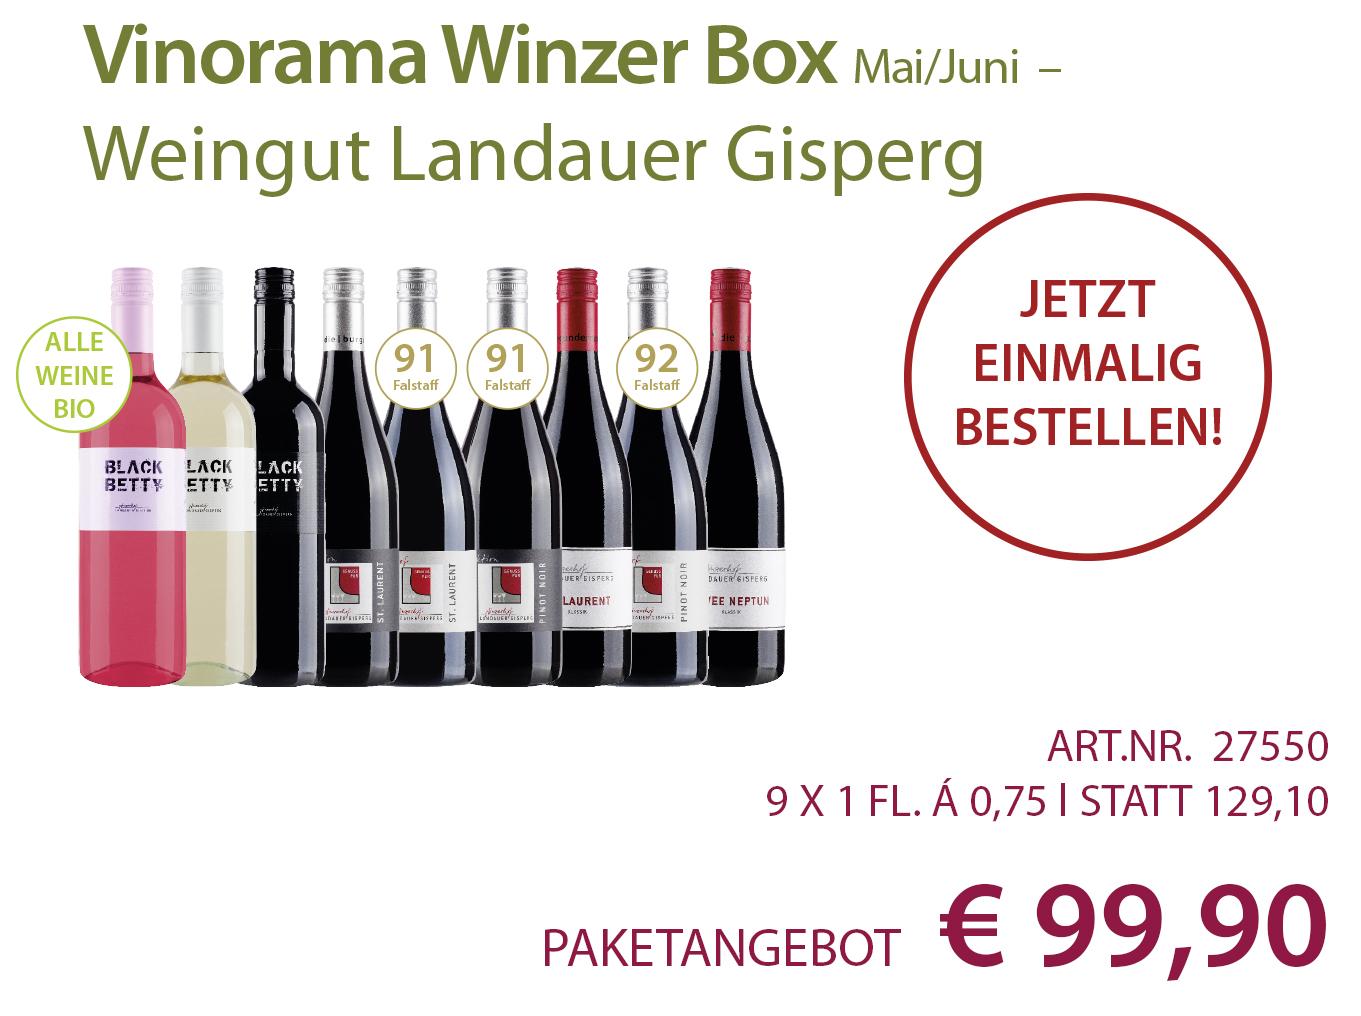 Vinorama Winzer Box Paket